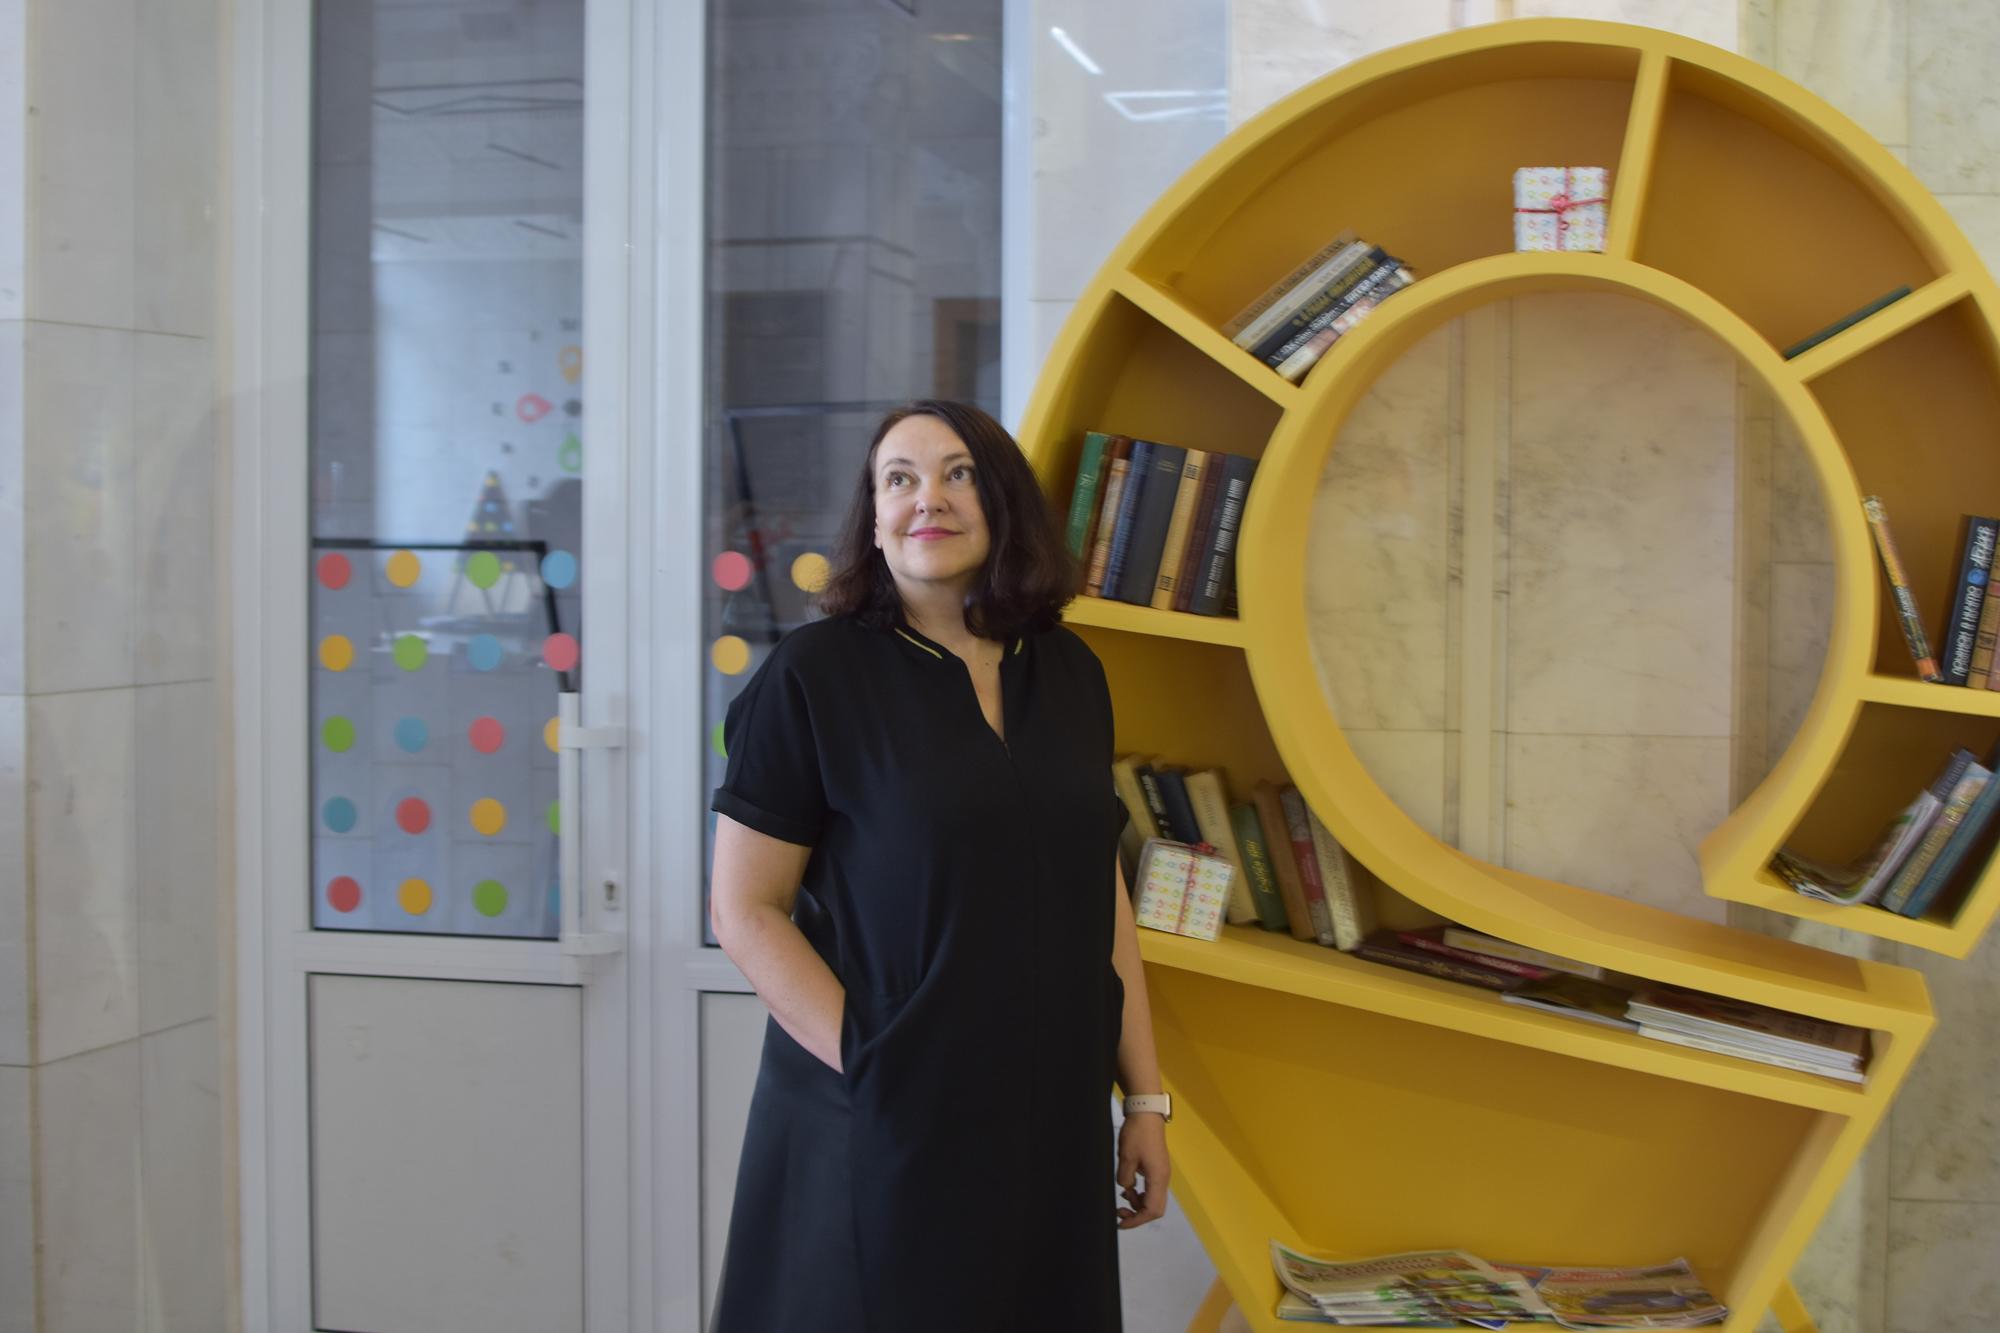 ПОЧТОВАЯ ПРОГРАММА: Лилия Бушина из «Укрпочты» рассказывает, как обучить 38 000 человек и зачем ее компания нанимает банкиров